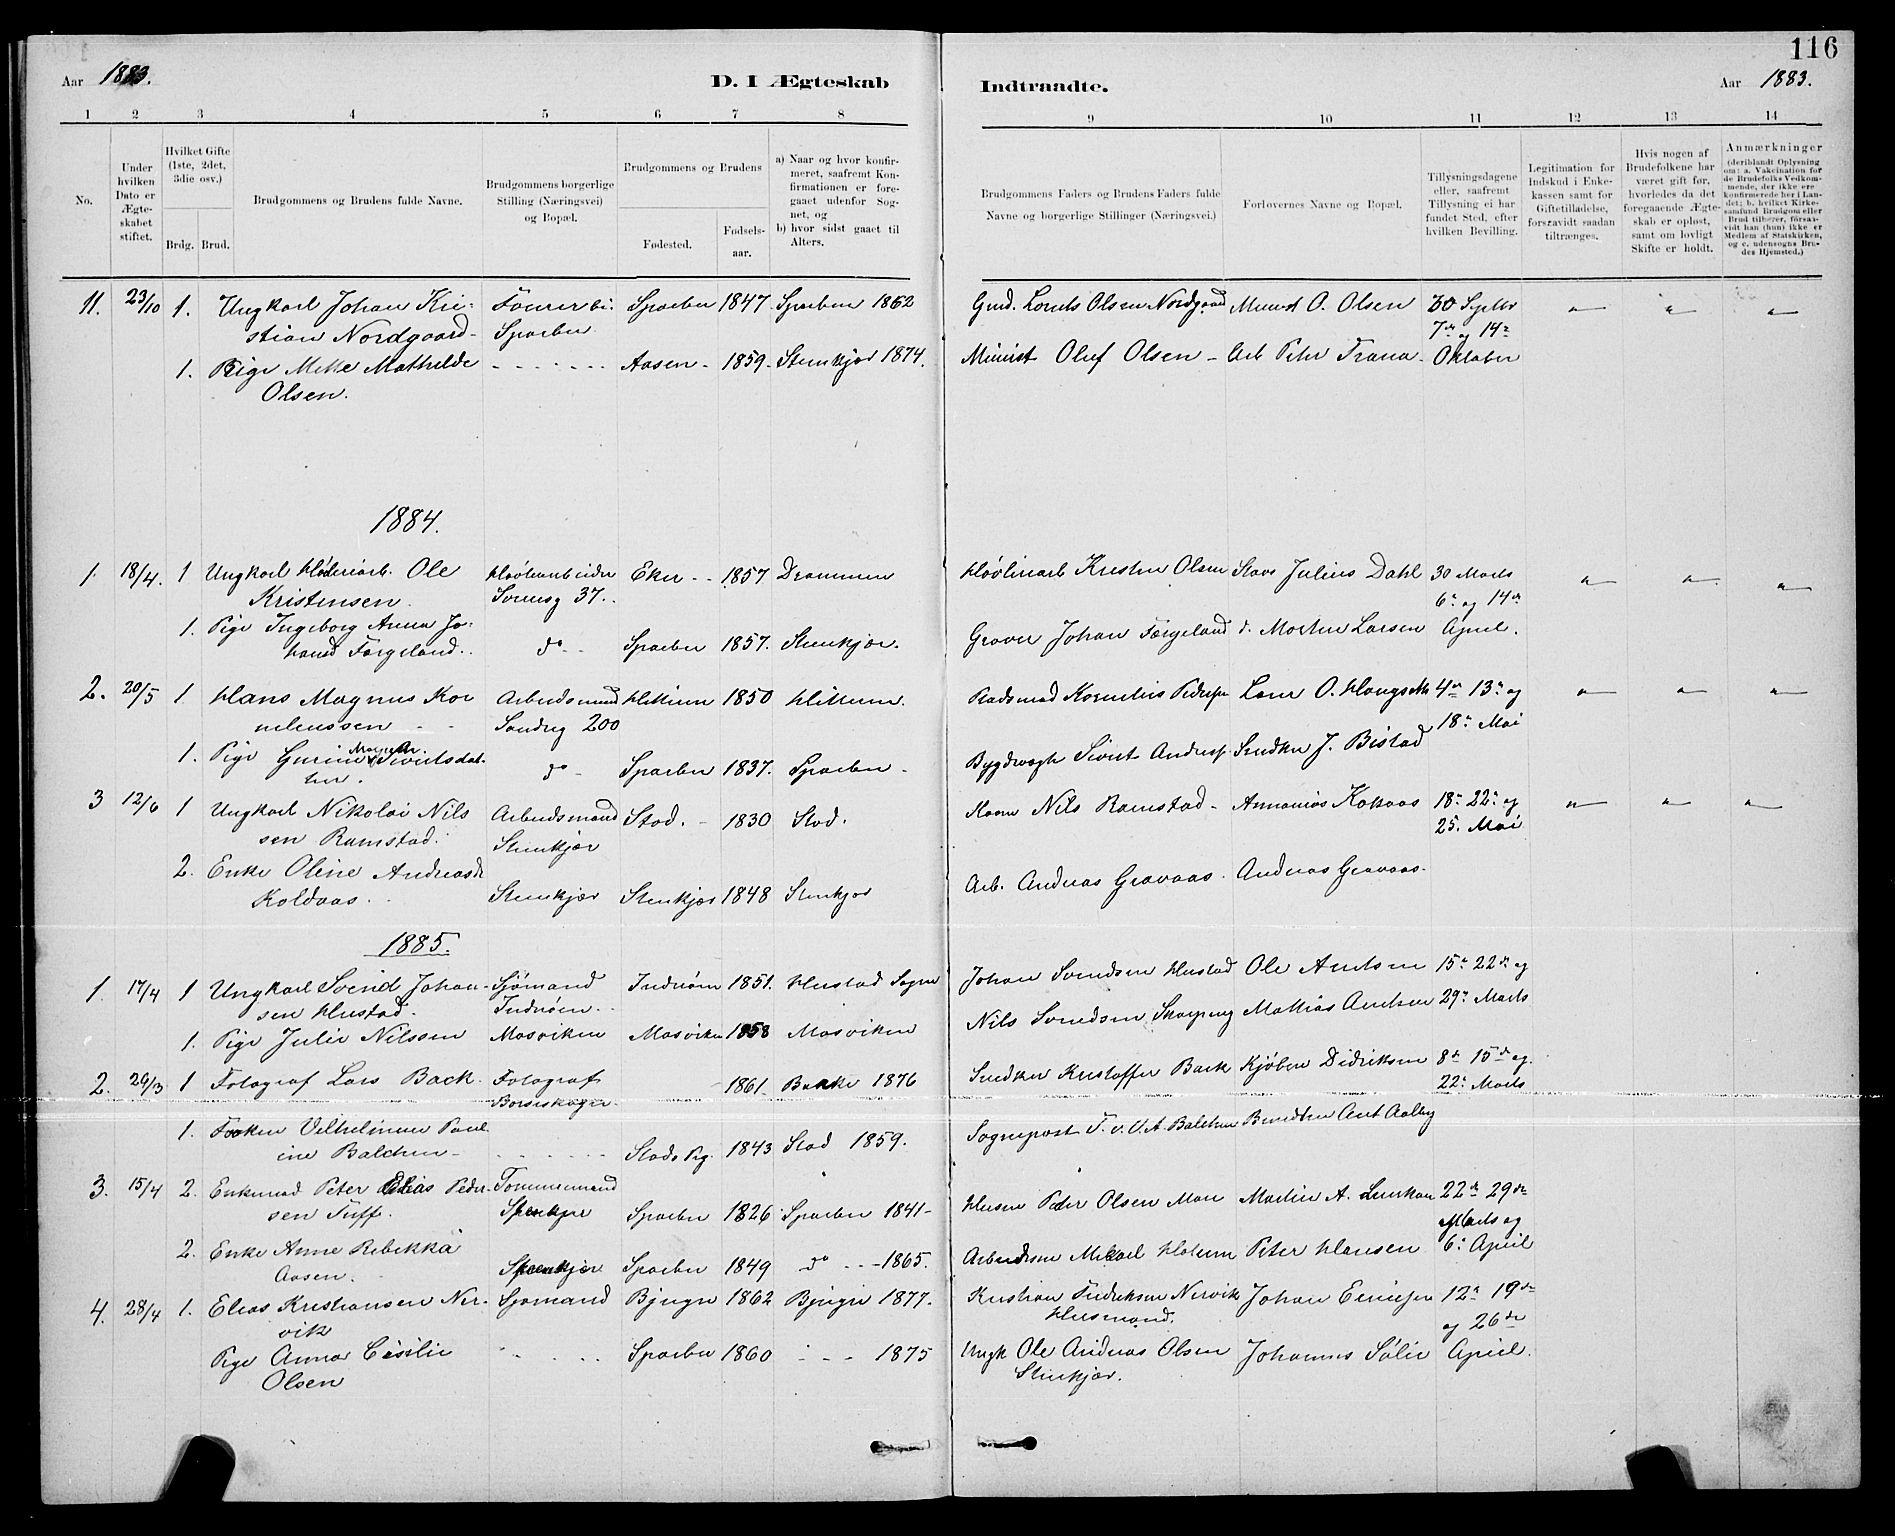 SAT, Ministerialprotokoller, klokkerbøker og fødselsregistre - Nord-Trøndelag, 739/L0374: Klokkerbok nr. 739C02, 1883-1898, s. 116